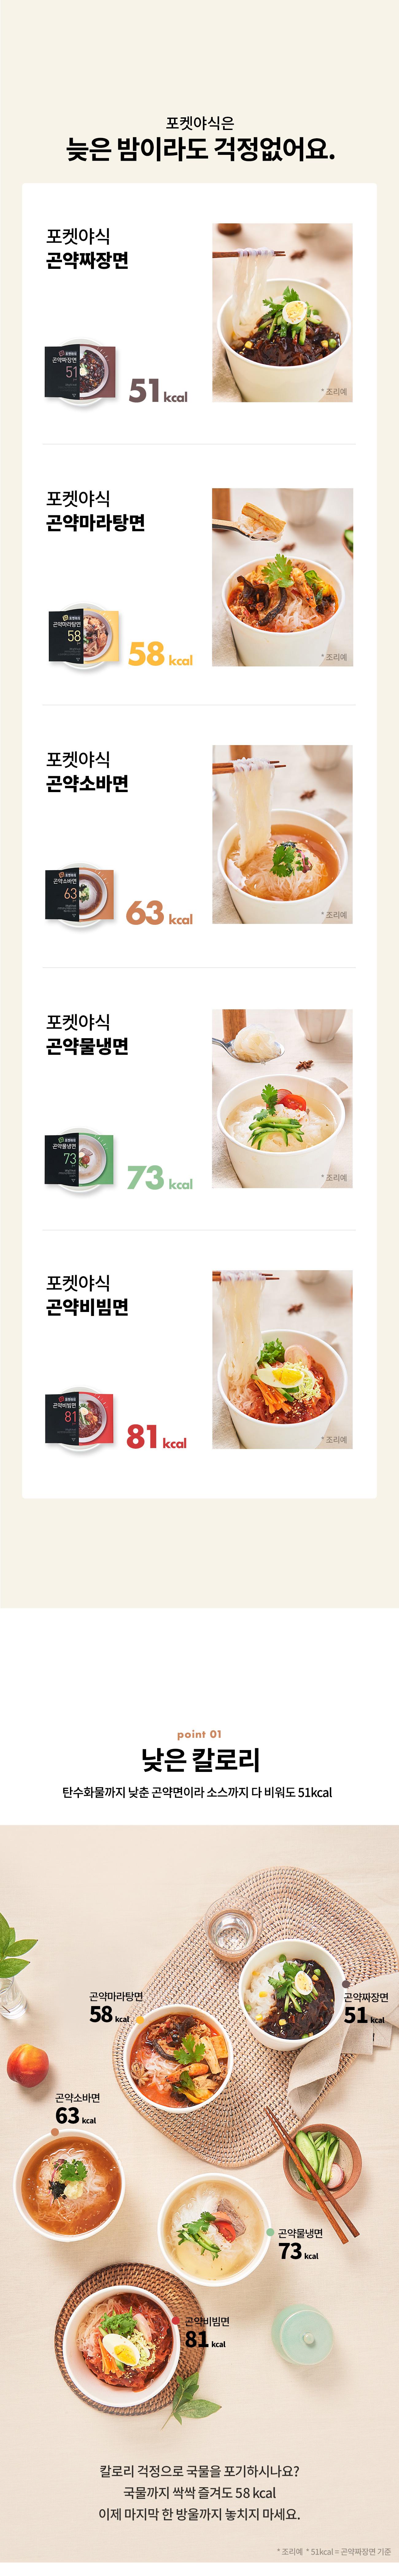 쓰리케어 포켓 야식 곤약면 5종세트 (10일분) - 쓰리케어, 29,900원, 보조식품, 다이어트식품